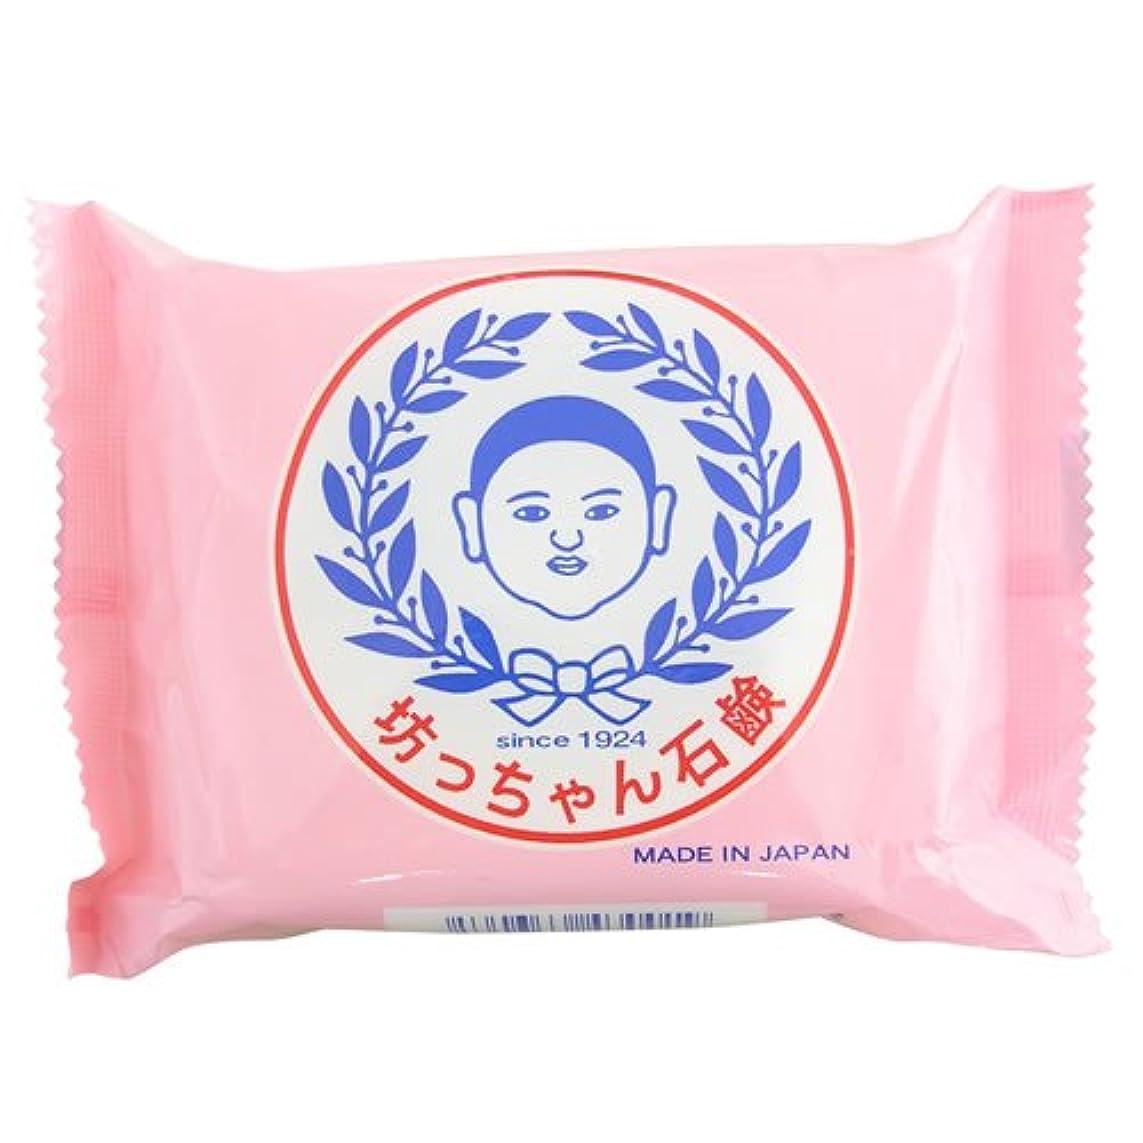 ソーセージアーティファクト写真の坊ちゃん石鹸